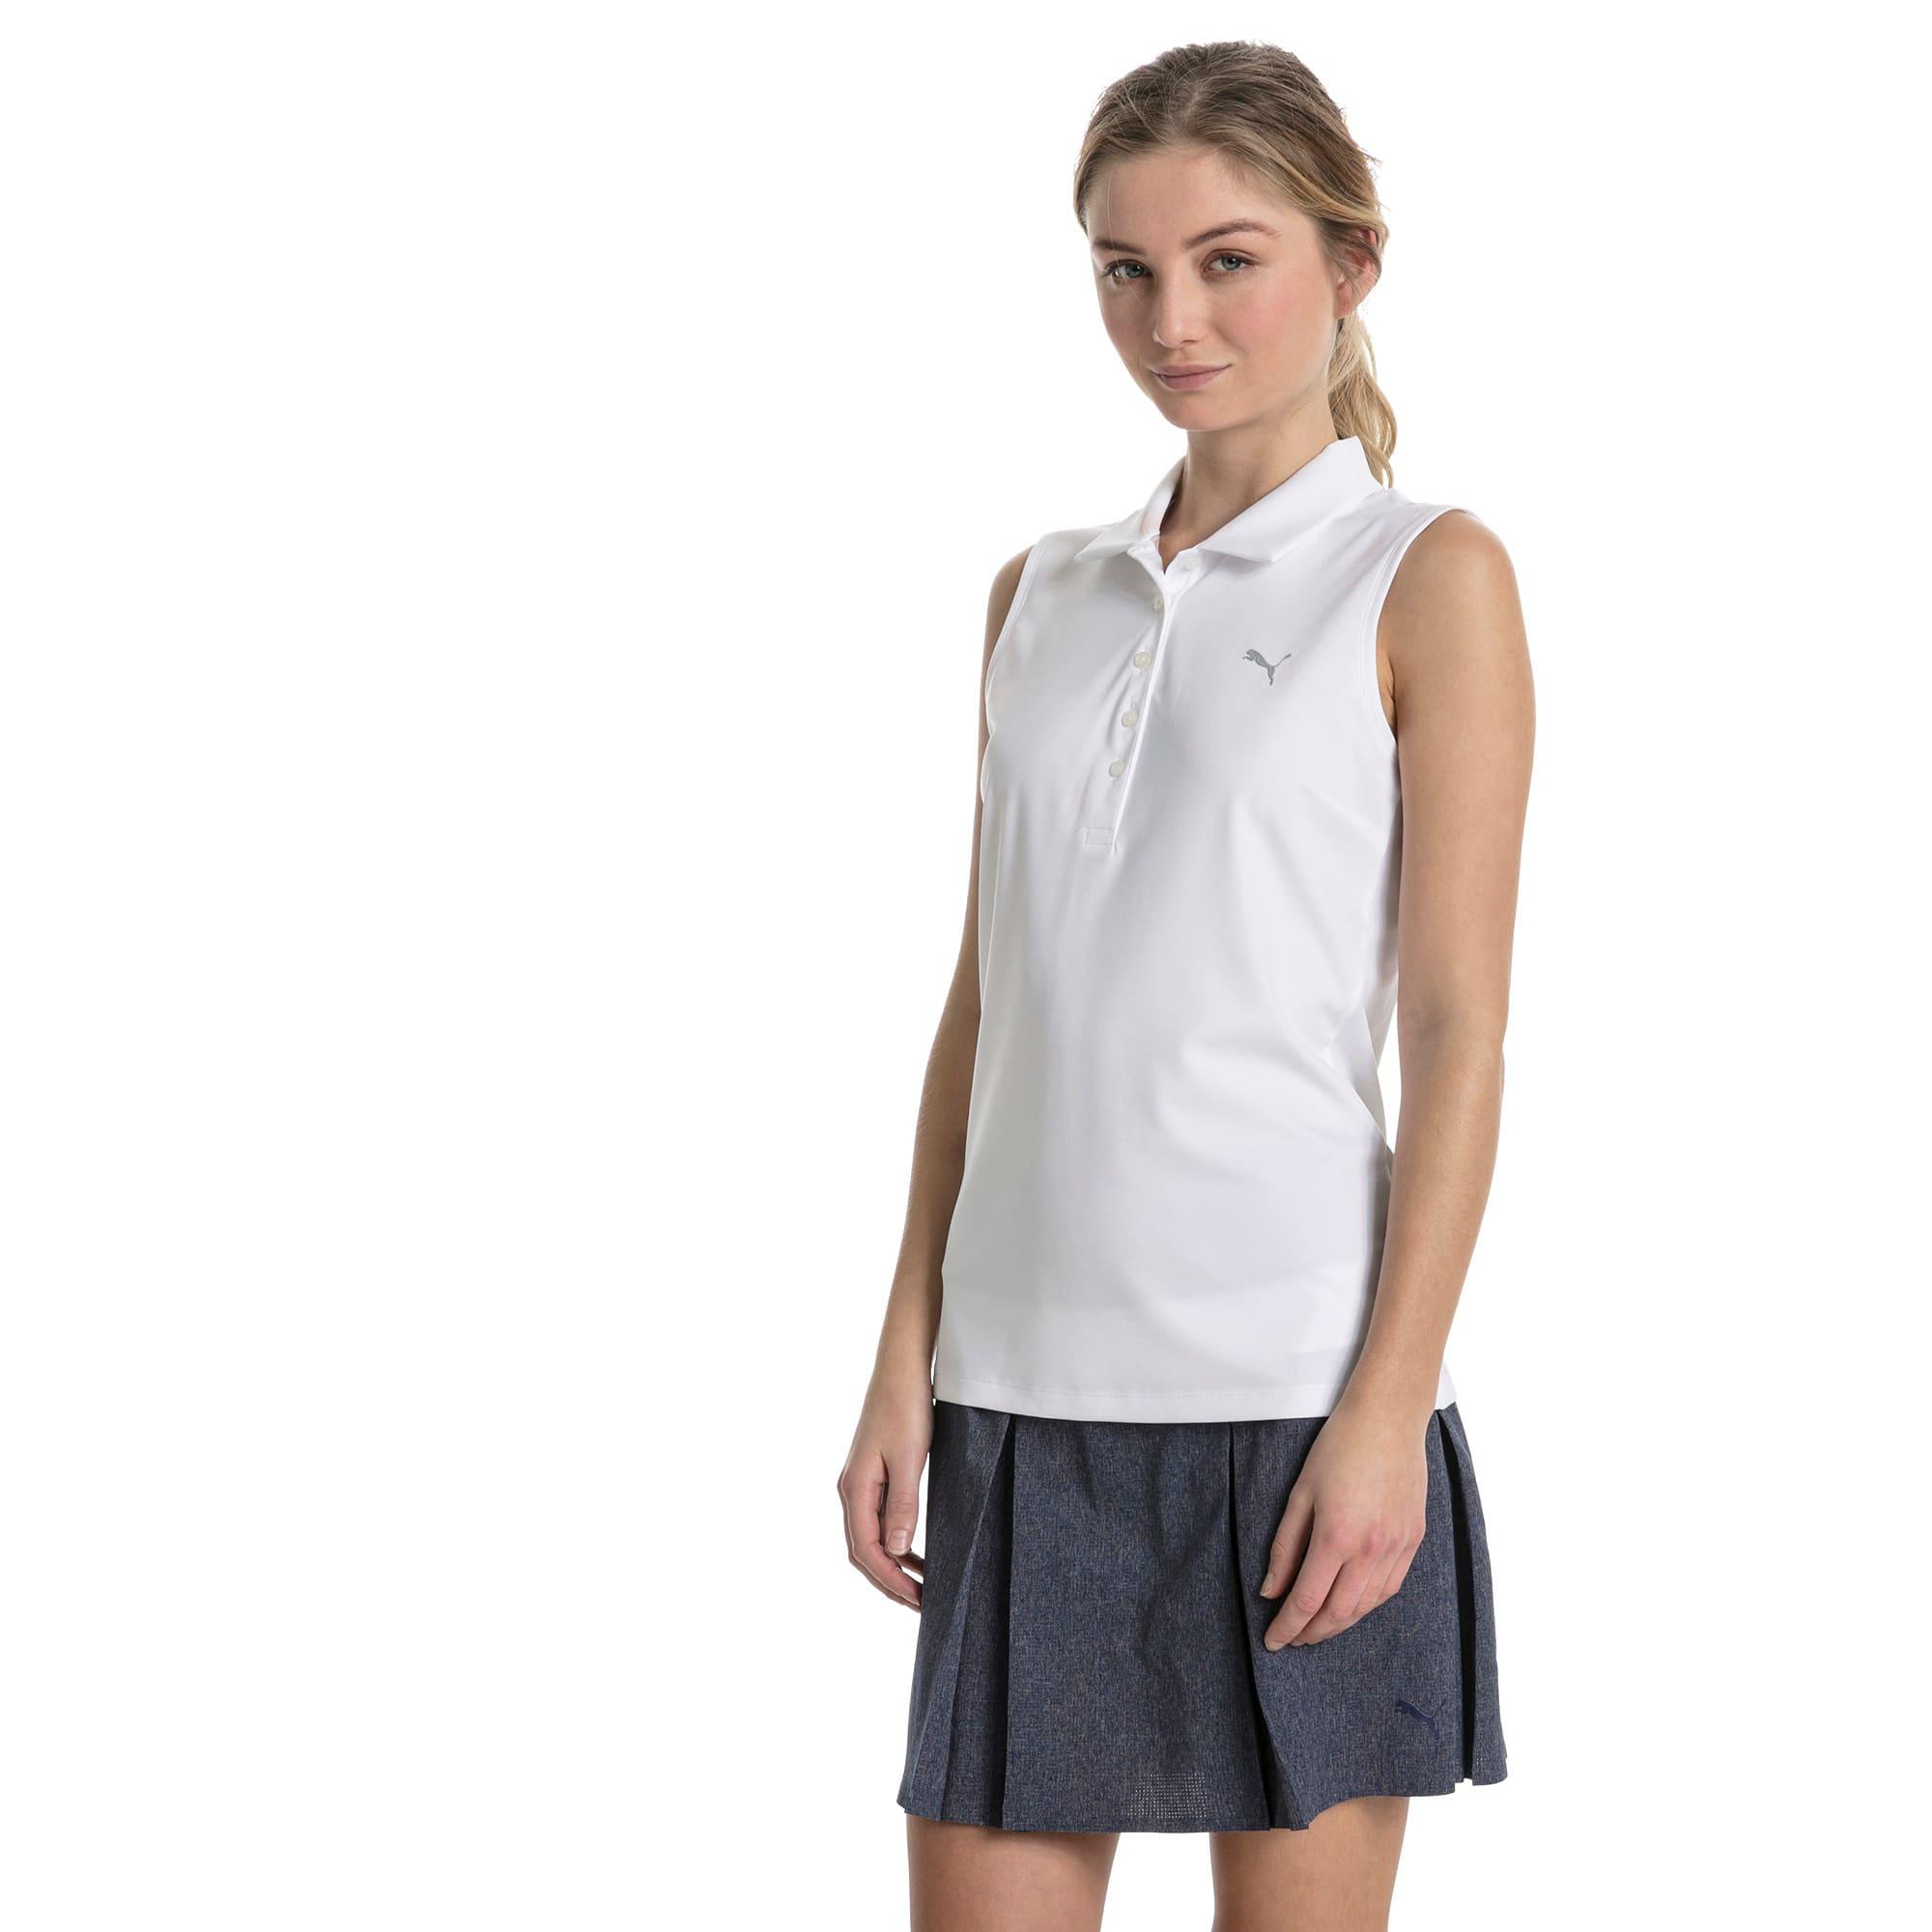 Thumbnail 1 of Golf Women's Pounce Sleeveless Polo, Bright White, medium